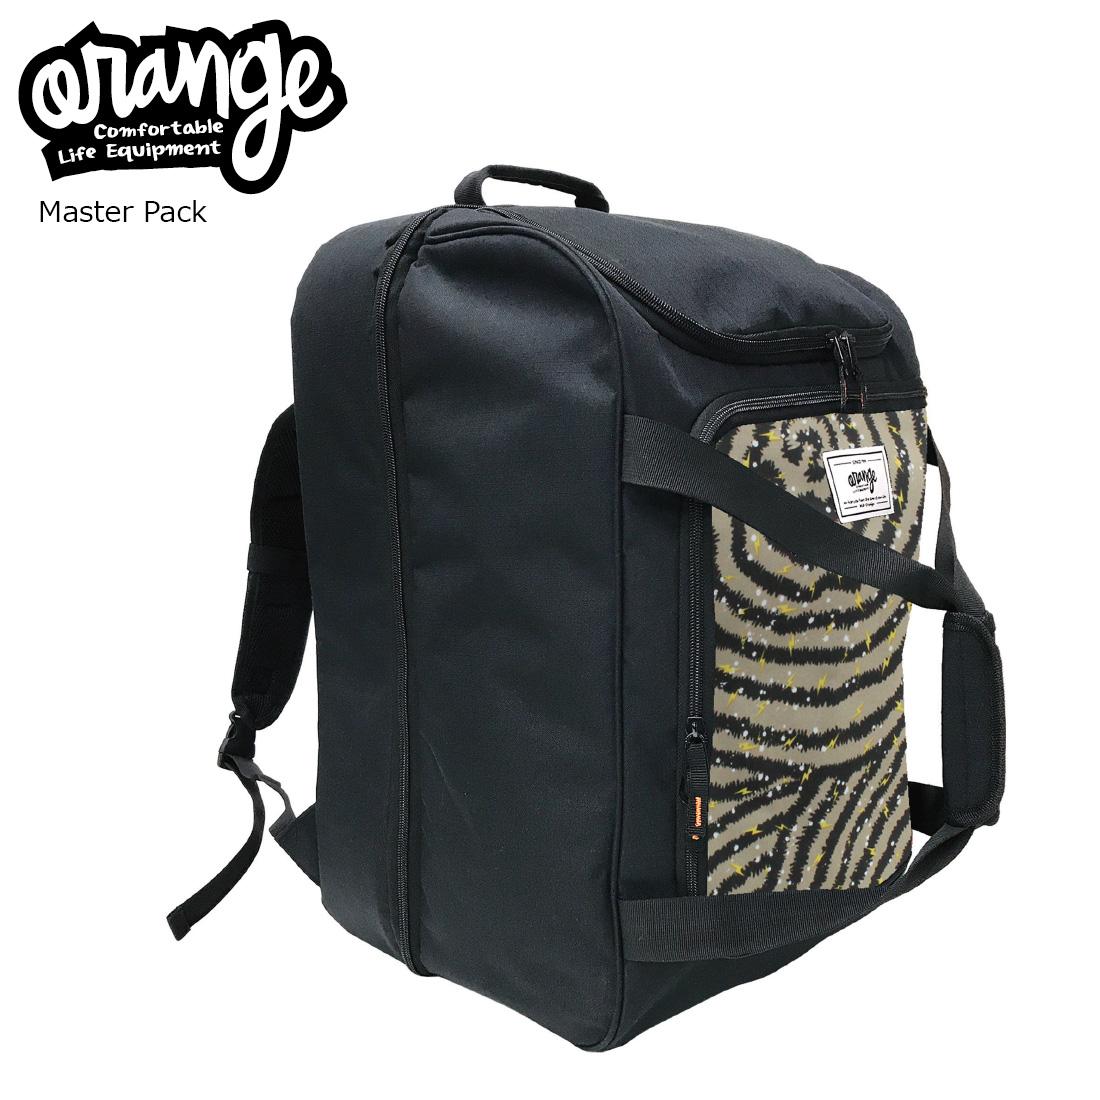 Oran'ge Master Pack 2029 HAMON オレンジ ブーツ・ヘルメット・ブーツバック 2層 ショルダー付